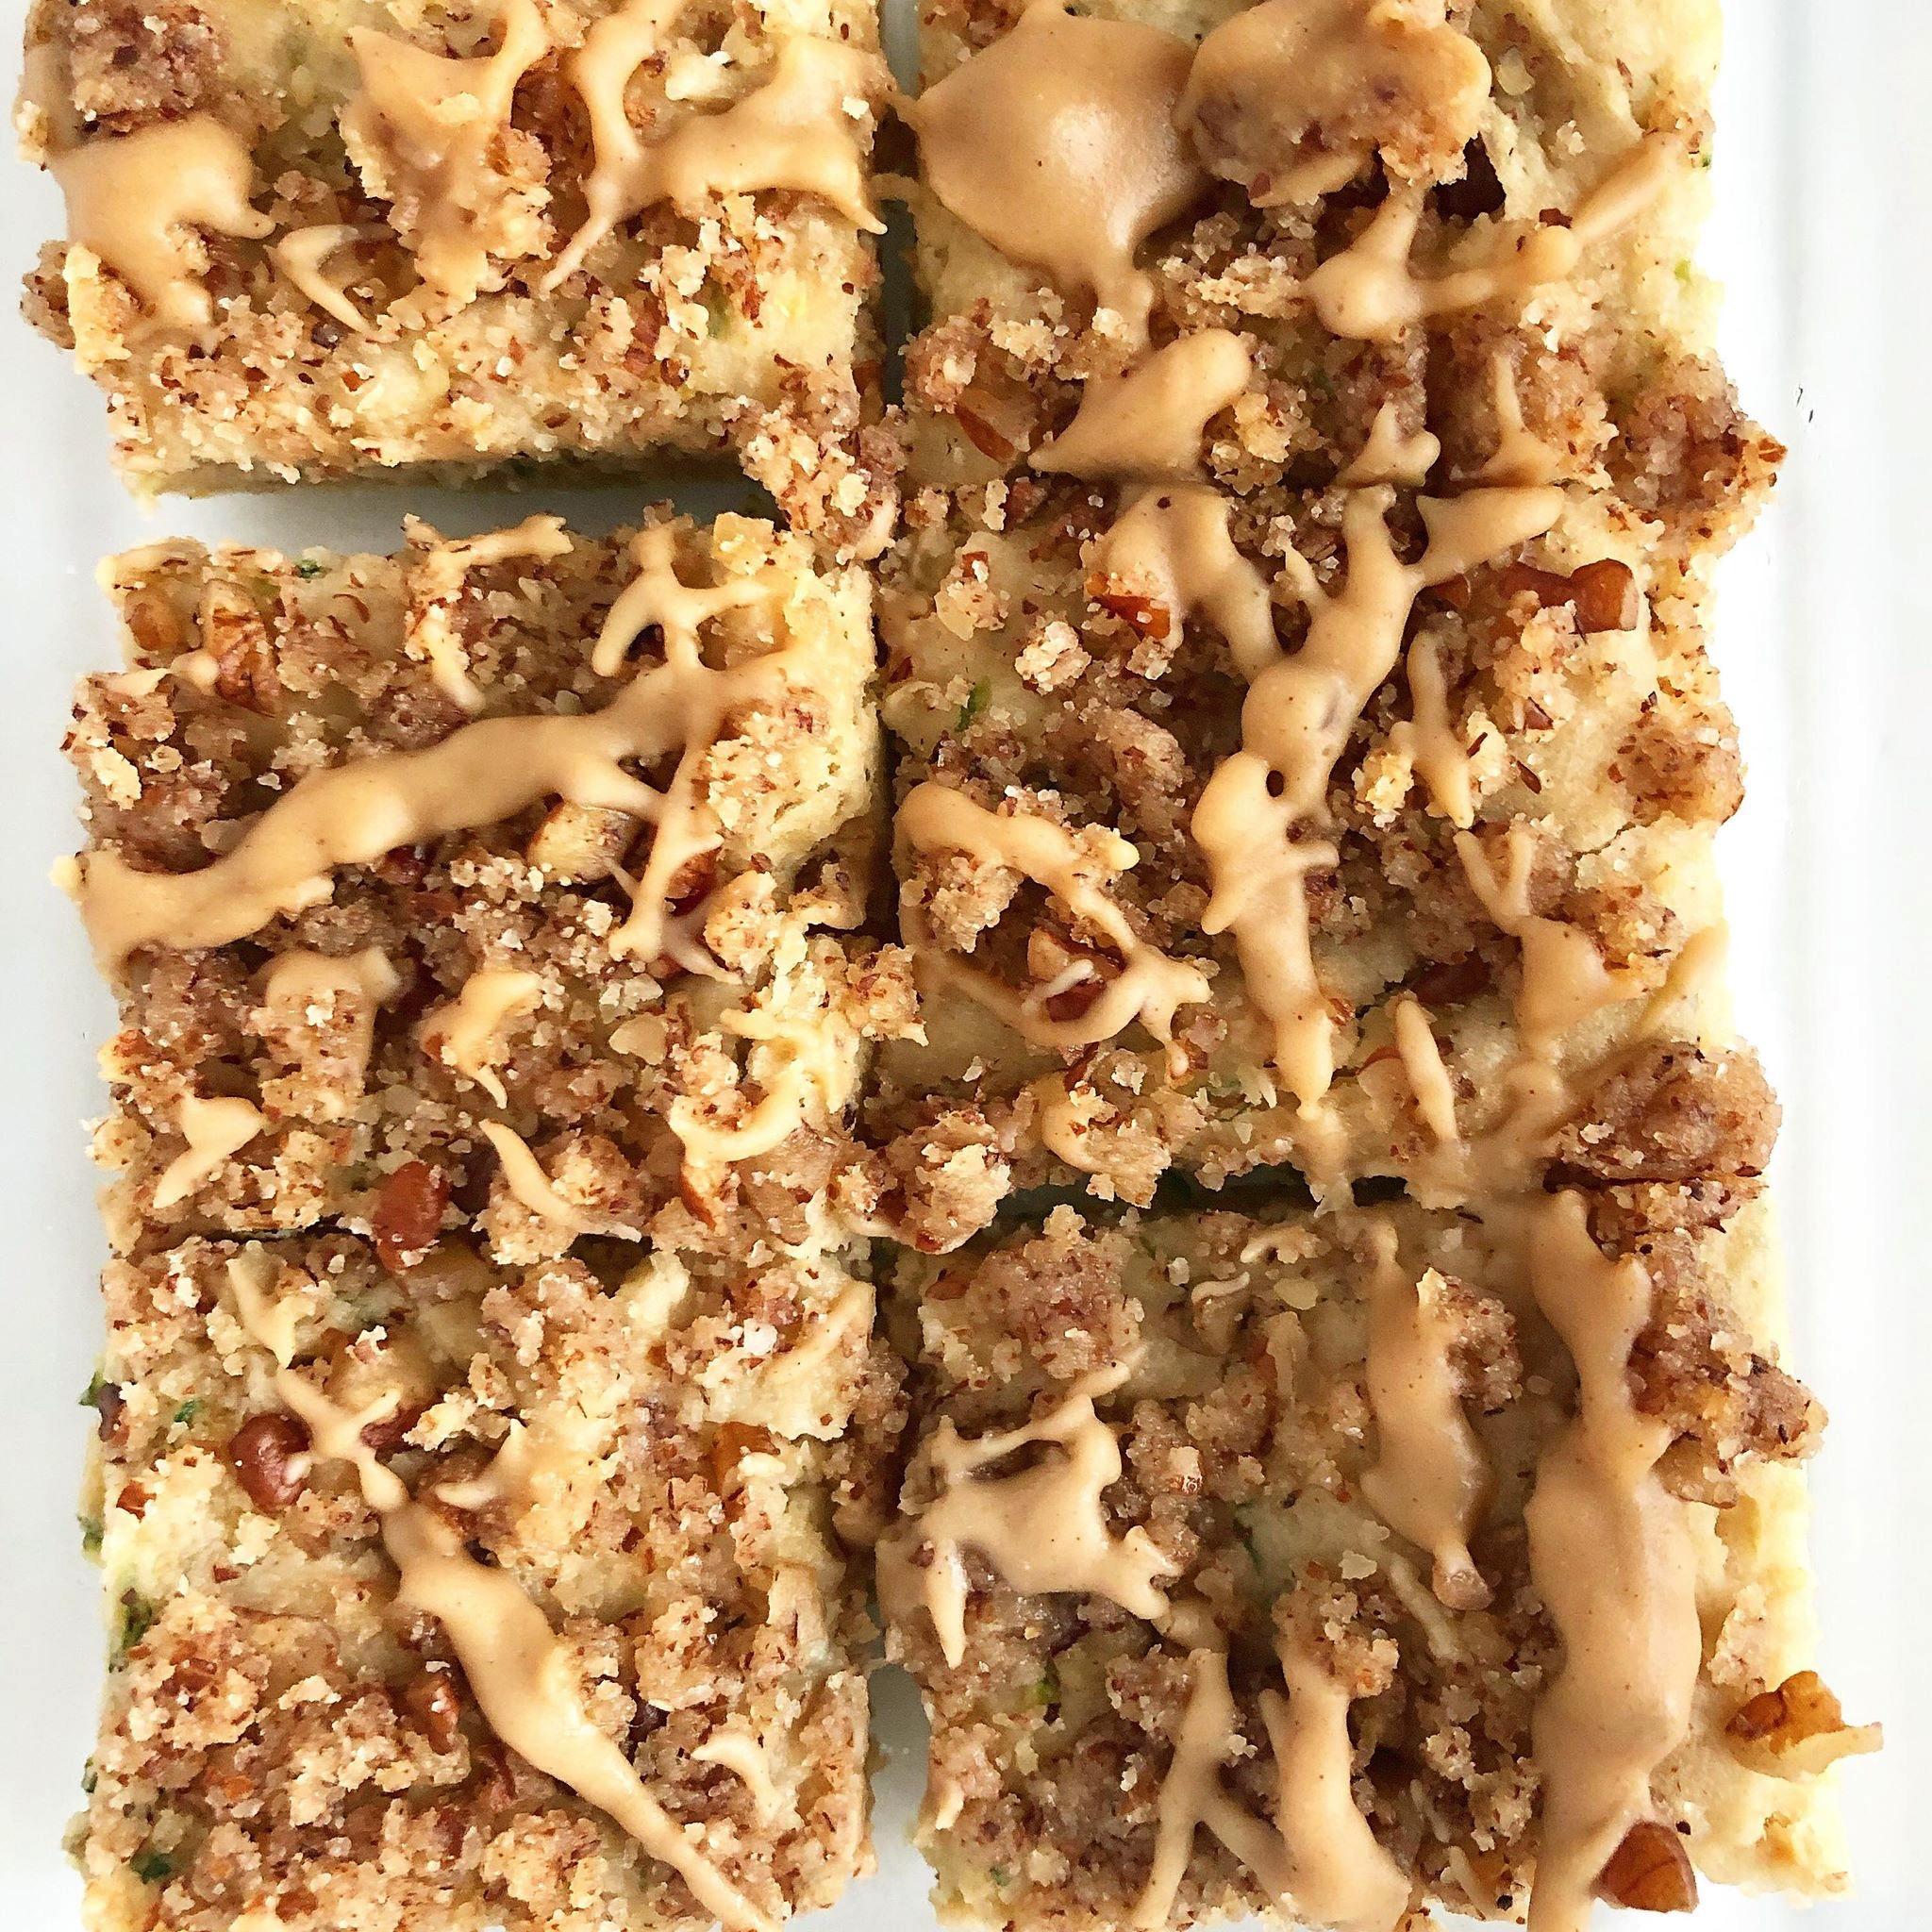 zuccchini cake